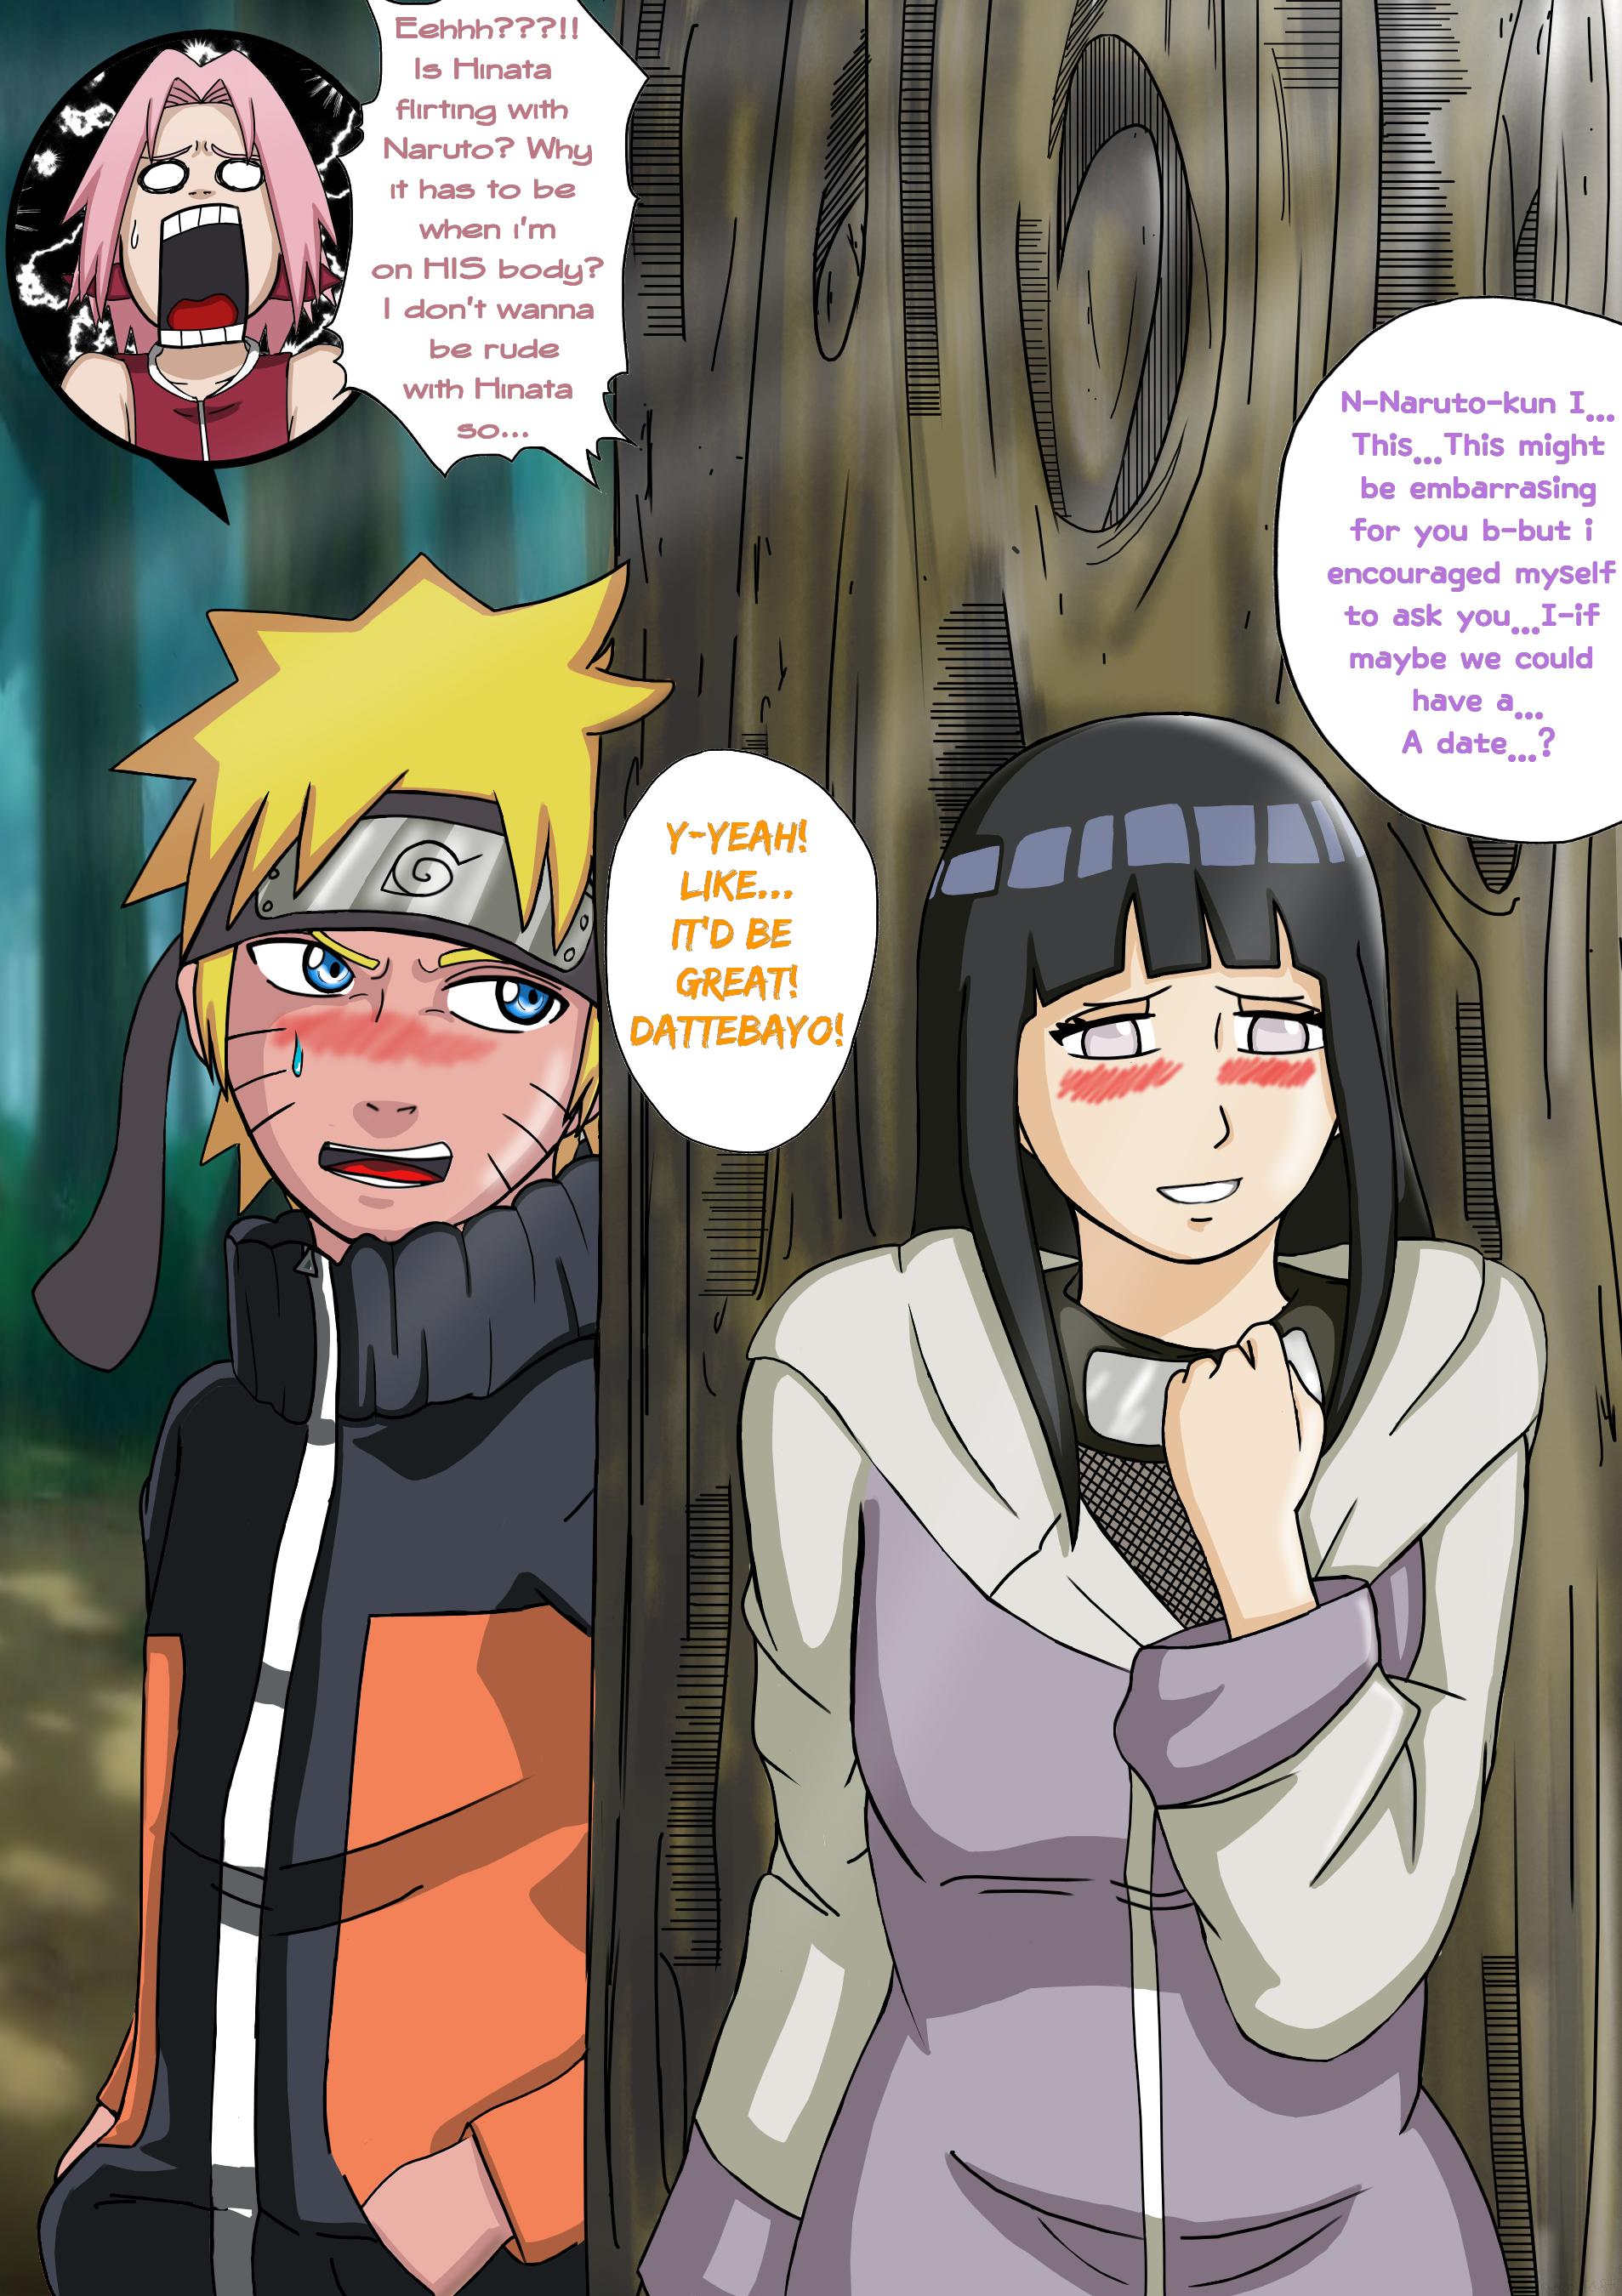 Naruto/Sakura Body Swap! Hinata, Im not Naruto! by